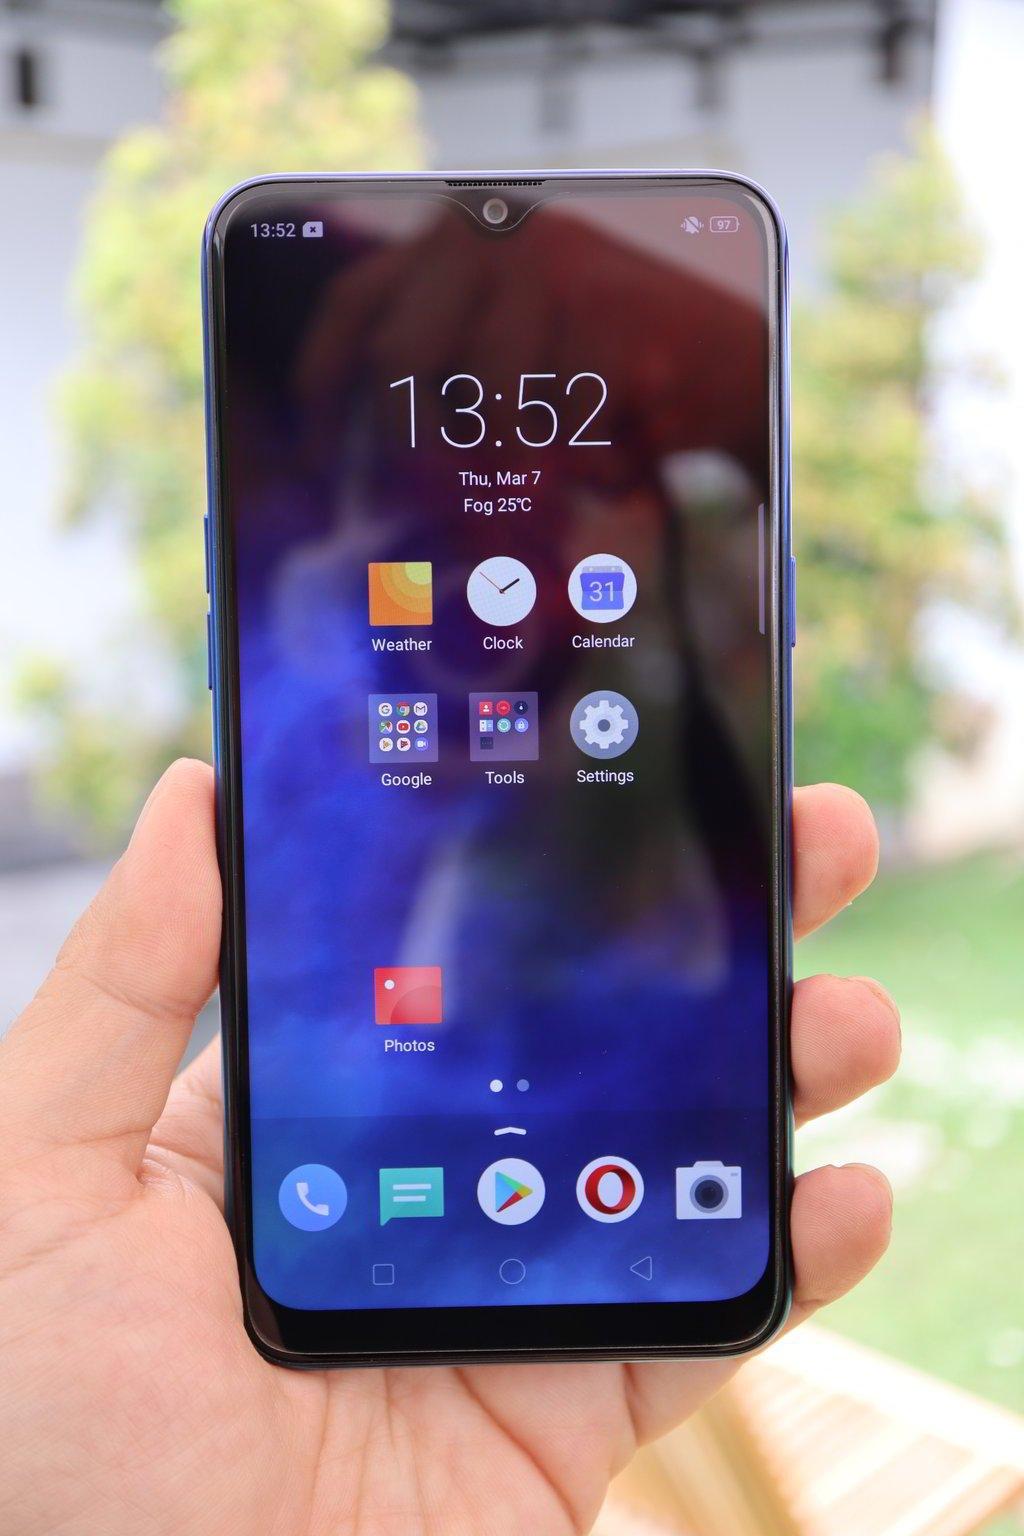 Hands On Kesan Pertama Mencoba Realme 3 Yangcanggih Com